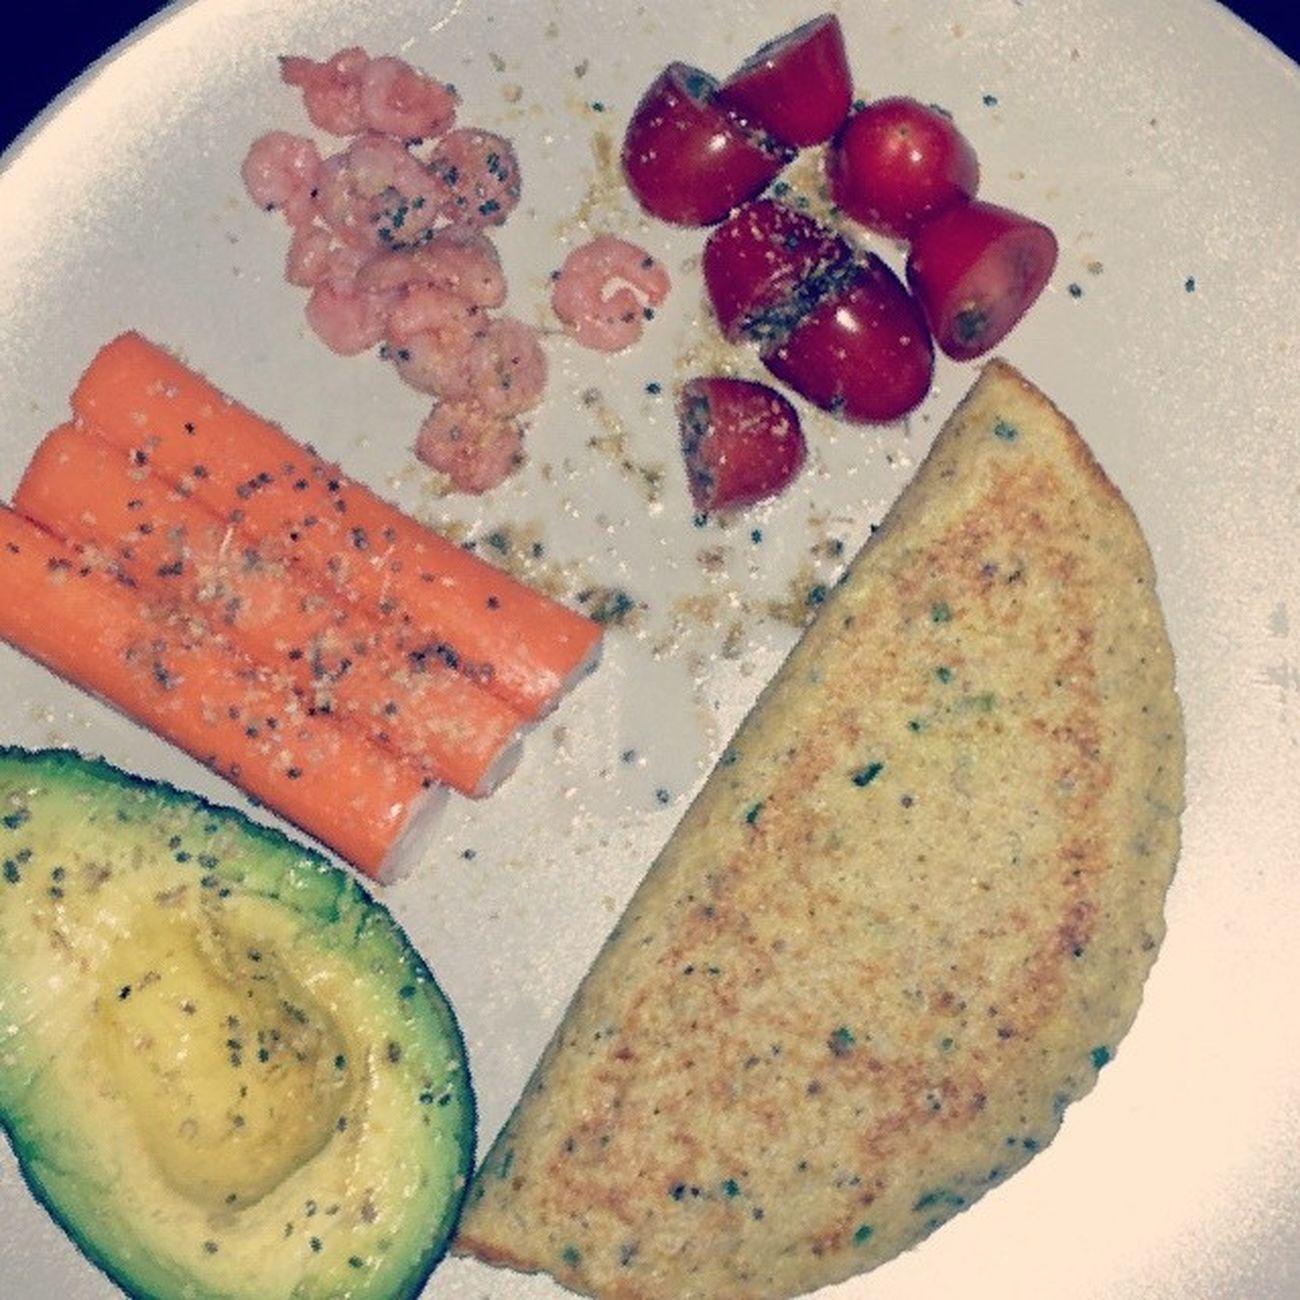 Lunch rapide du lundi avant les révisions de l'après-midi. La moitié d'un Avocado , trois bâtonnets de Surimi , quelque Crevettes , quelques Cherrytomatoes et une galette au sondavoine